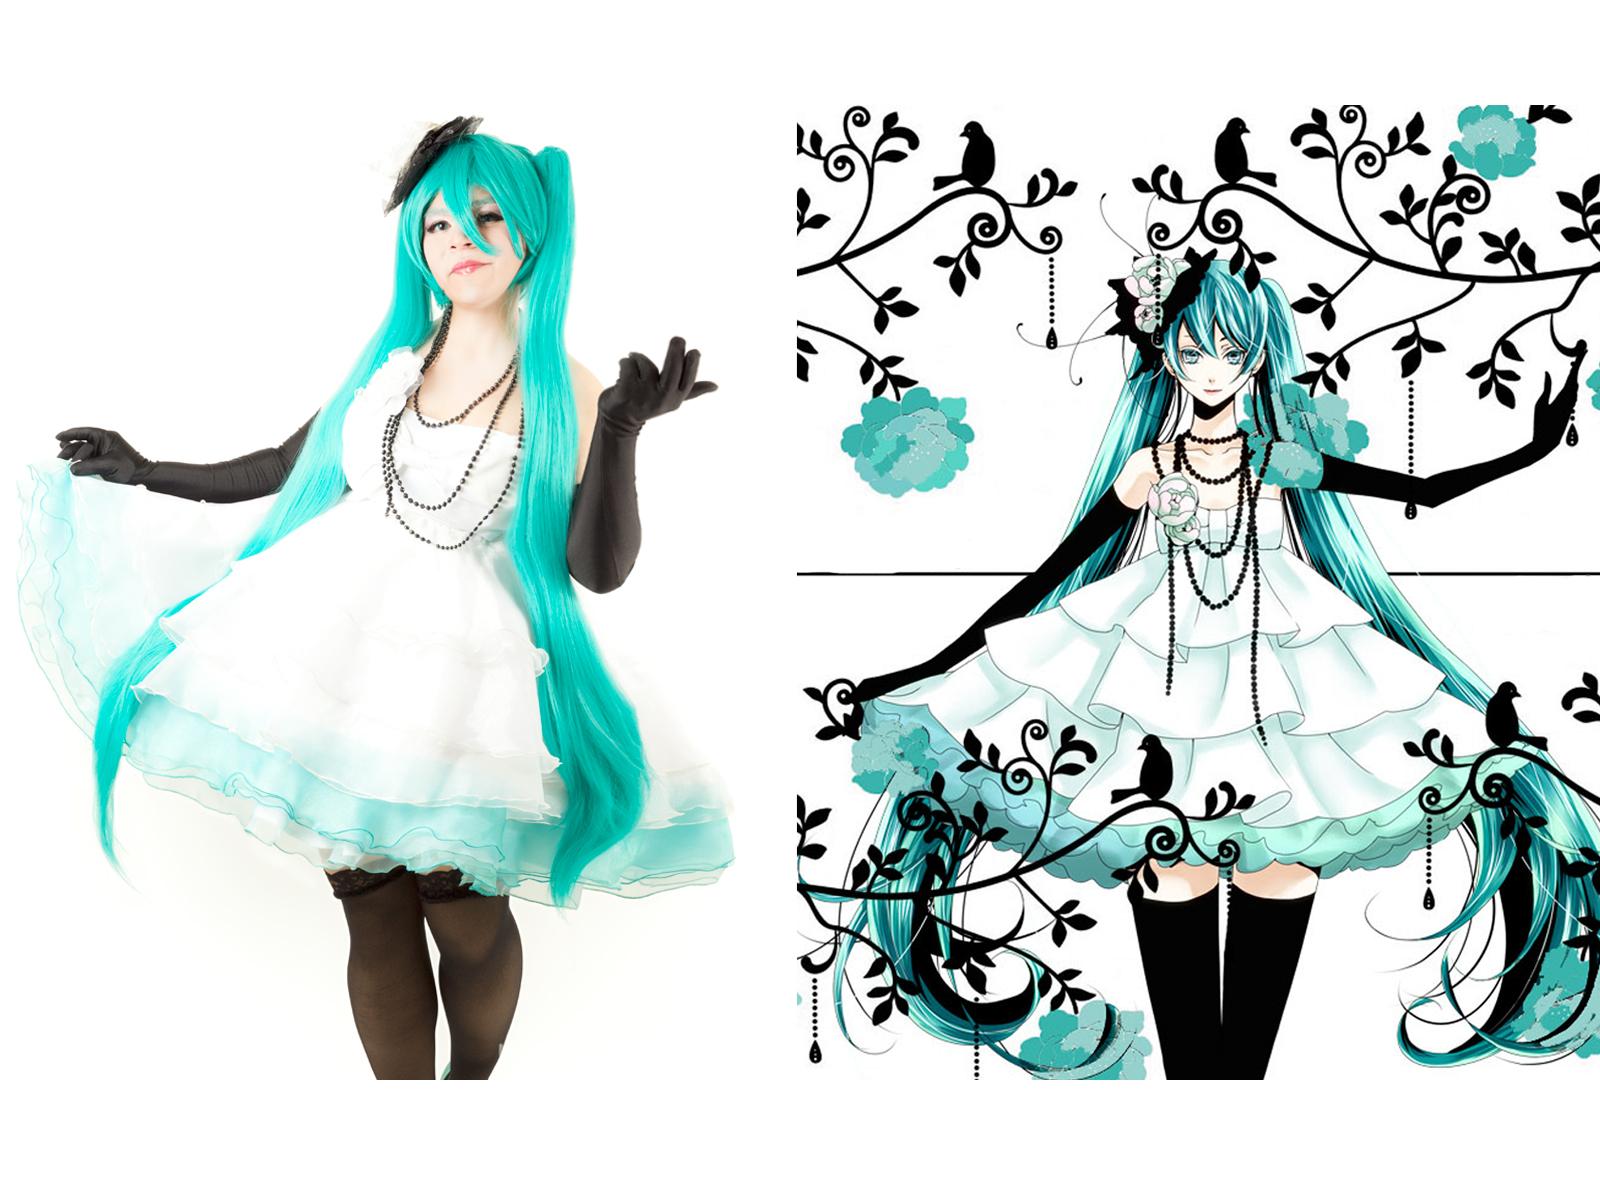 Hatsune-Miku-Cosplay-costume